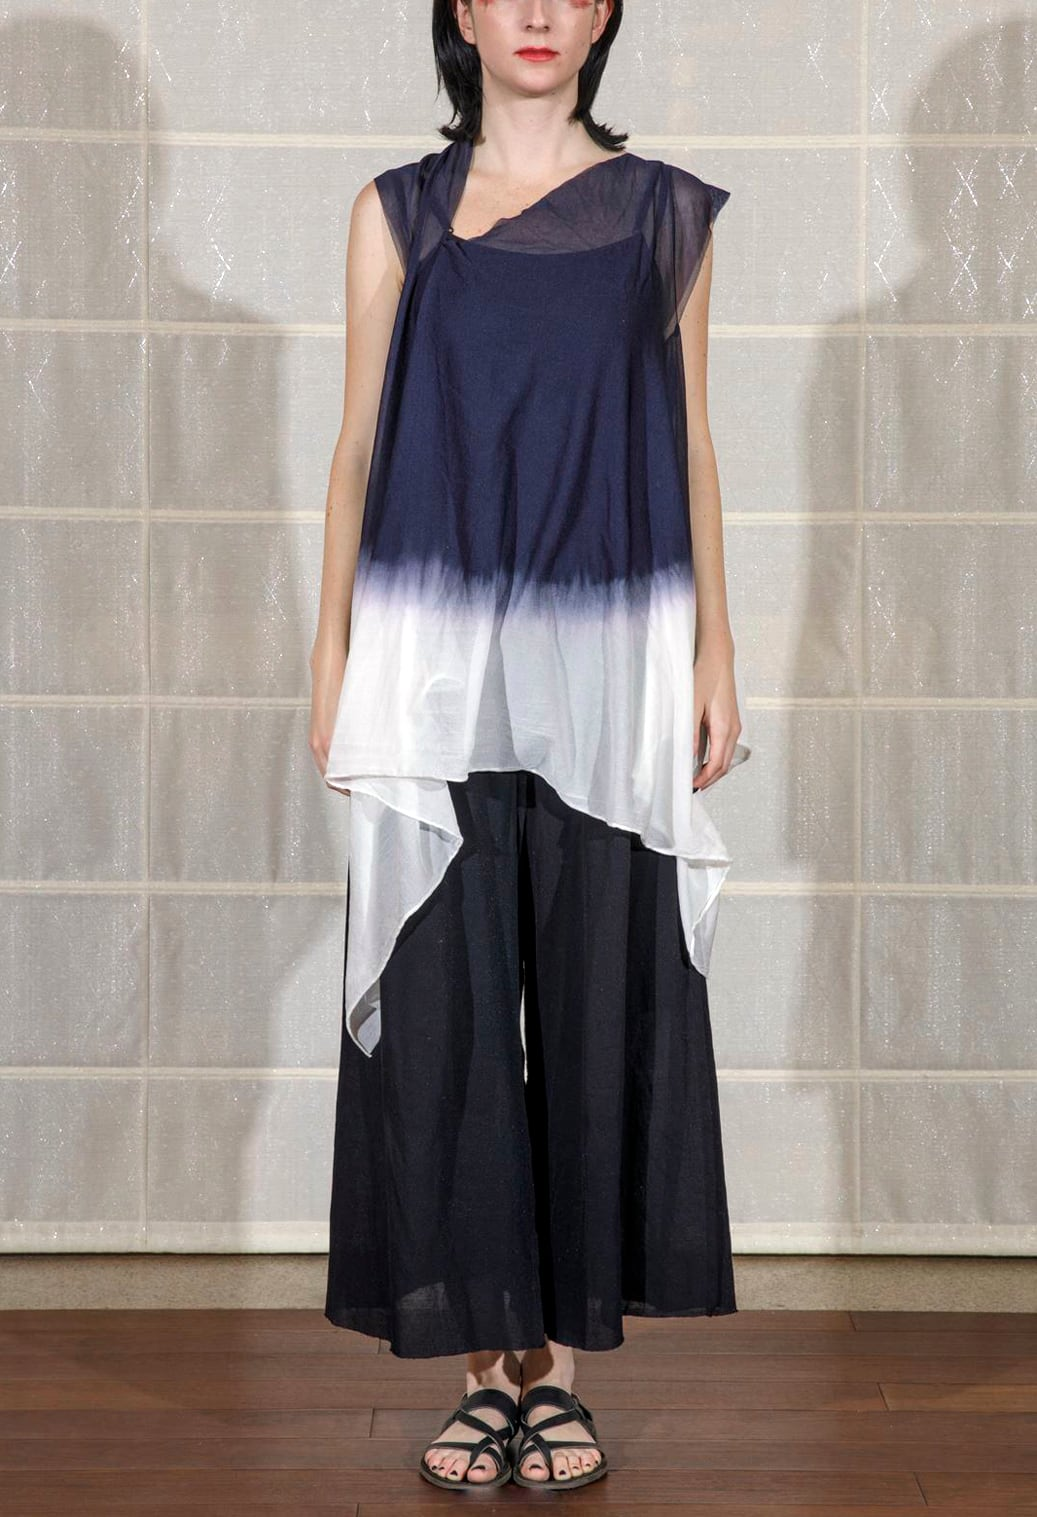 [着るストール]RESORT DRESS/STOLE moon NAVY 204301[SILK][税/送料込み]